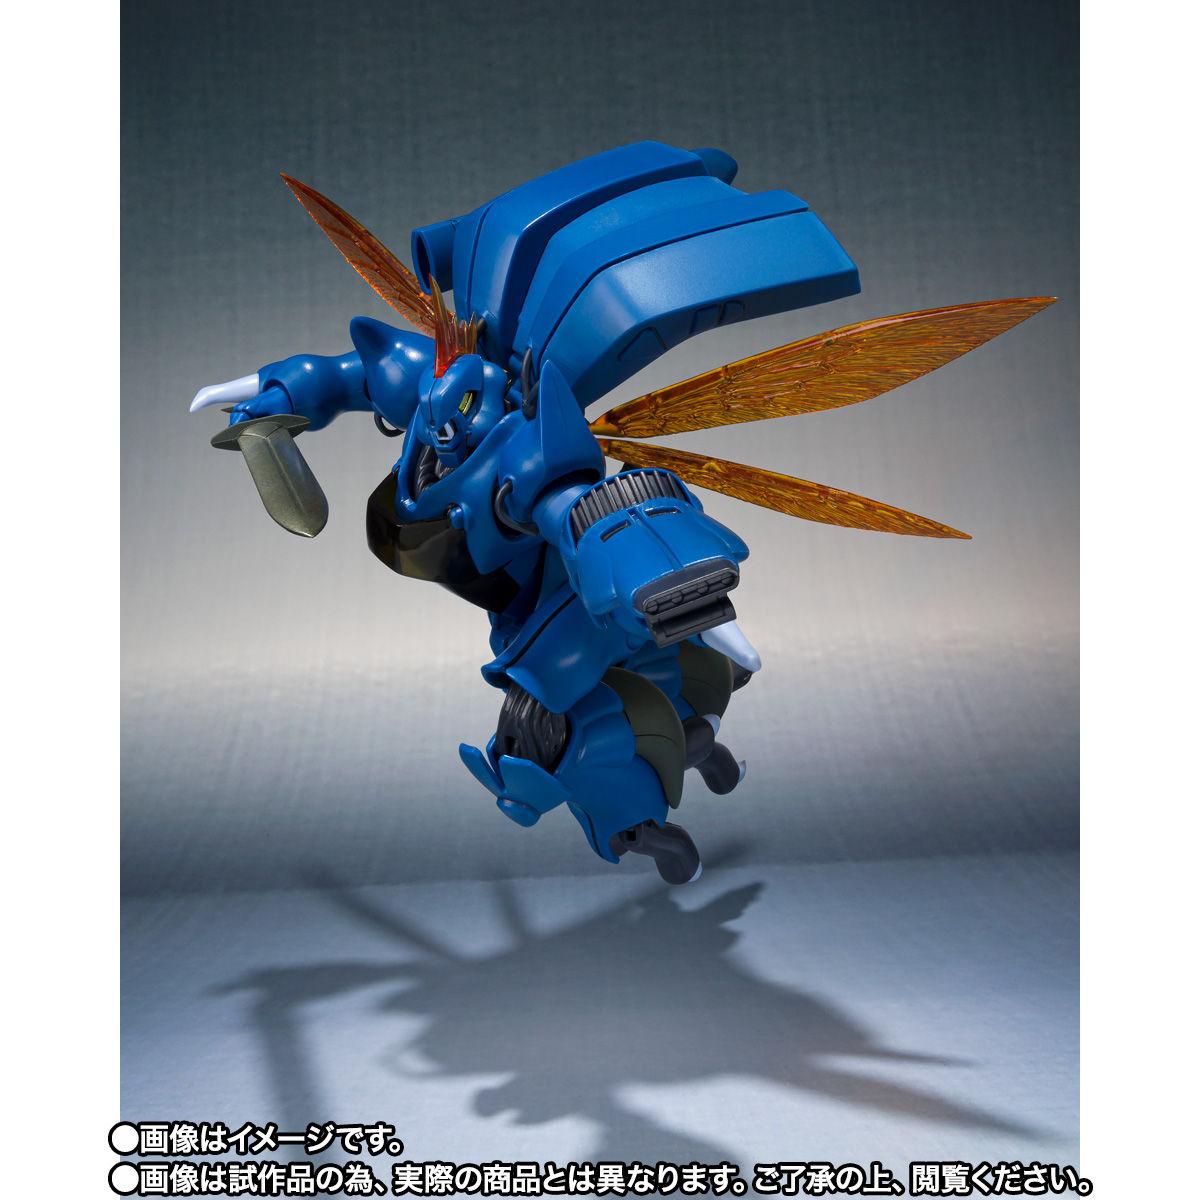 【限定販売】ROBOT魂〈SIDE AB〉『ビランビー & ユニコン・ウー セット』可動フィギュア-005